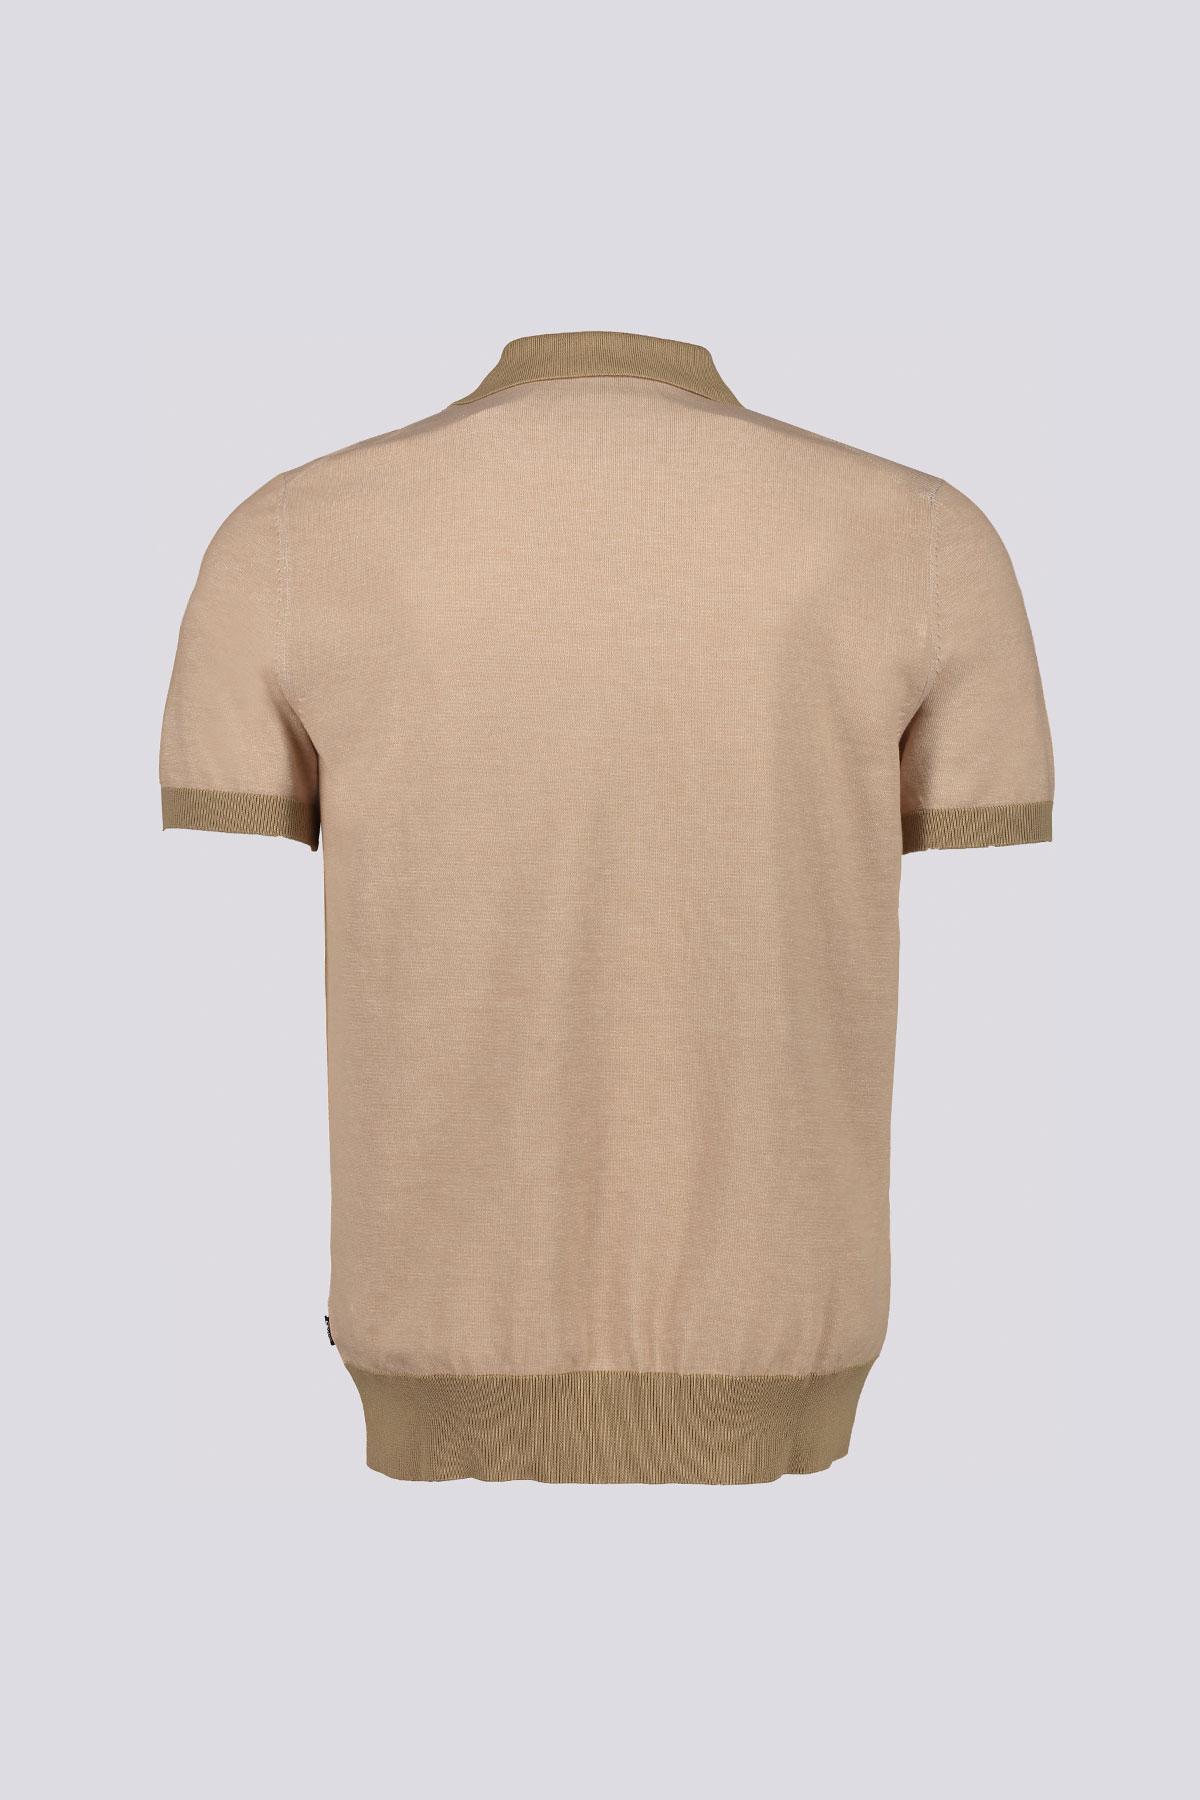 Playera polo Oberti marca BOSS confeccionado en algodón color beige